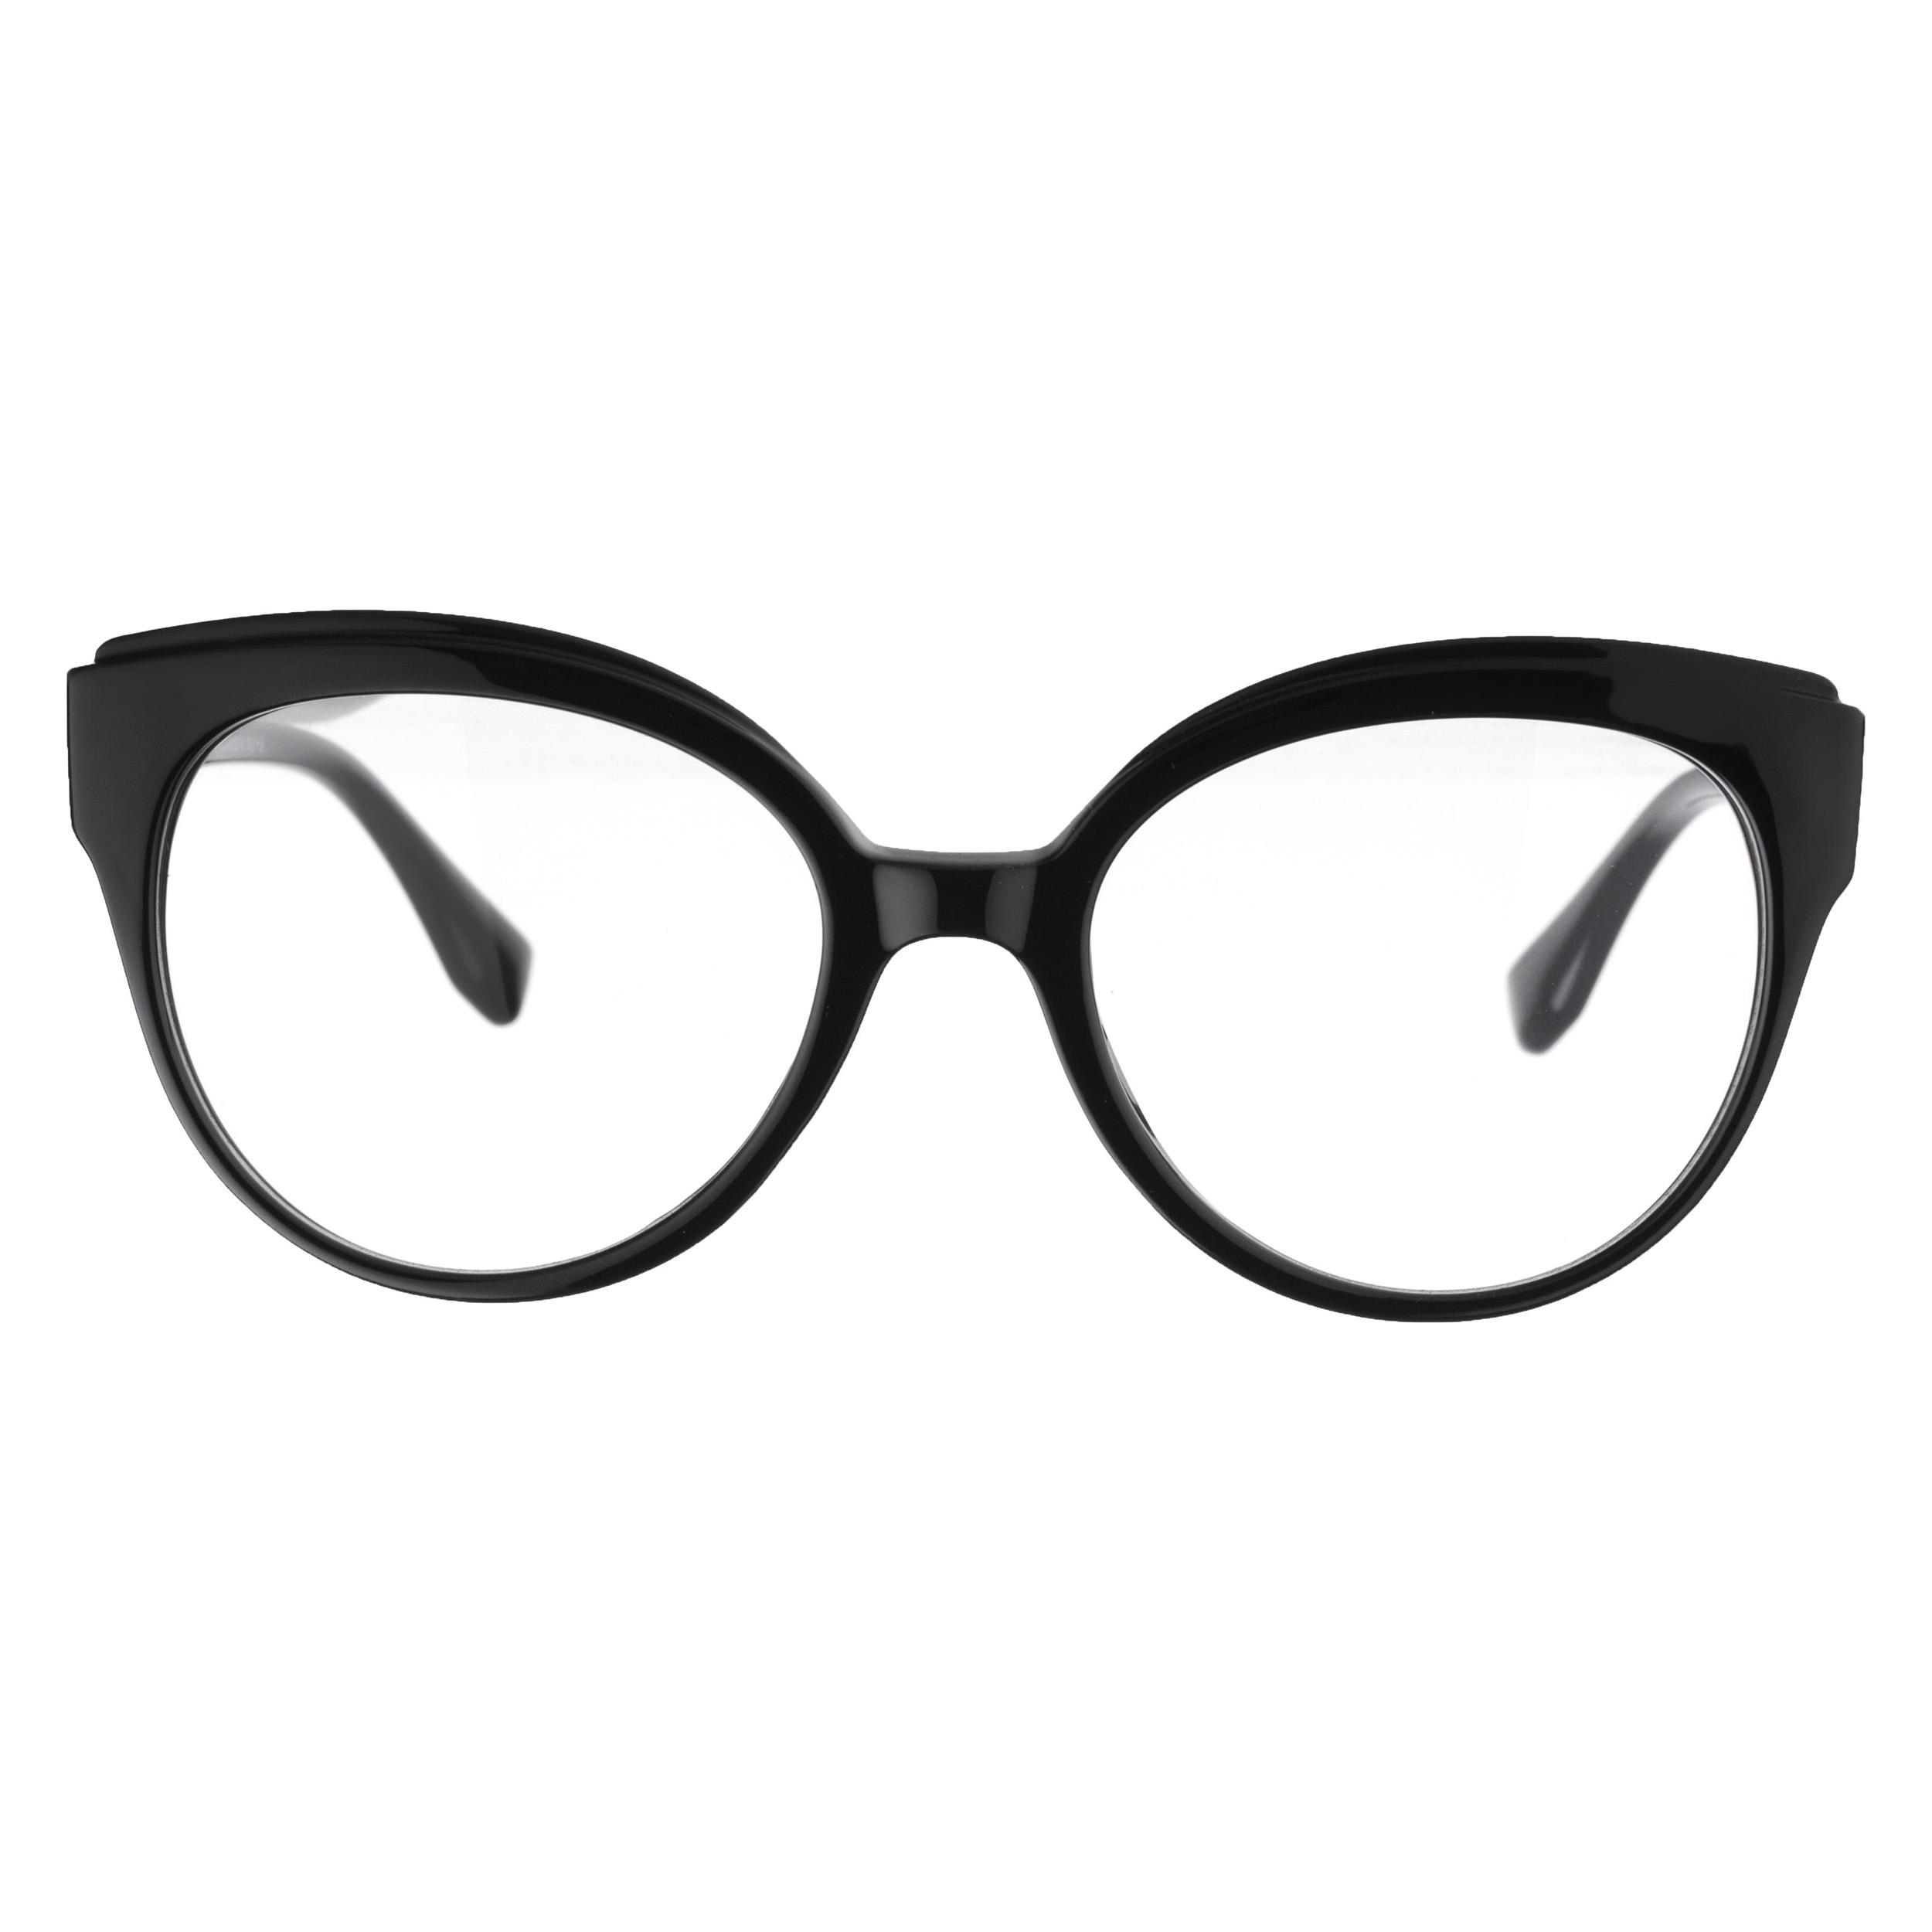 فریم عینک طبی مدل F95140